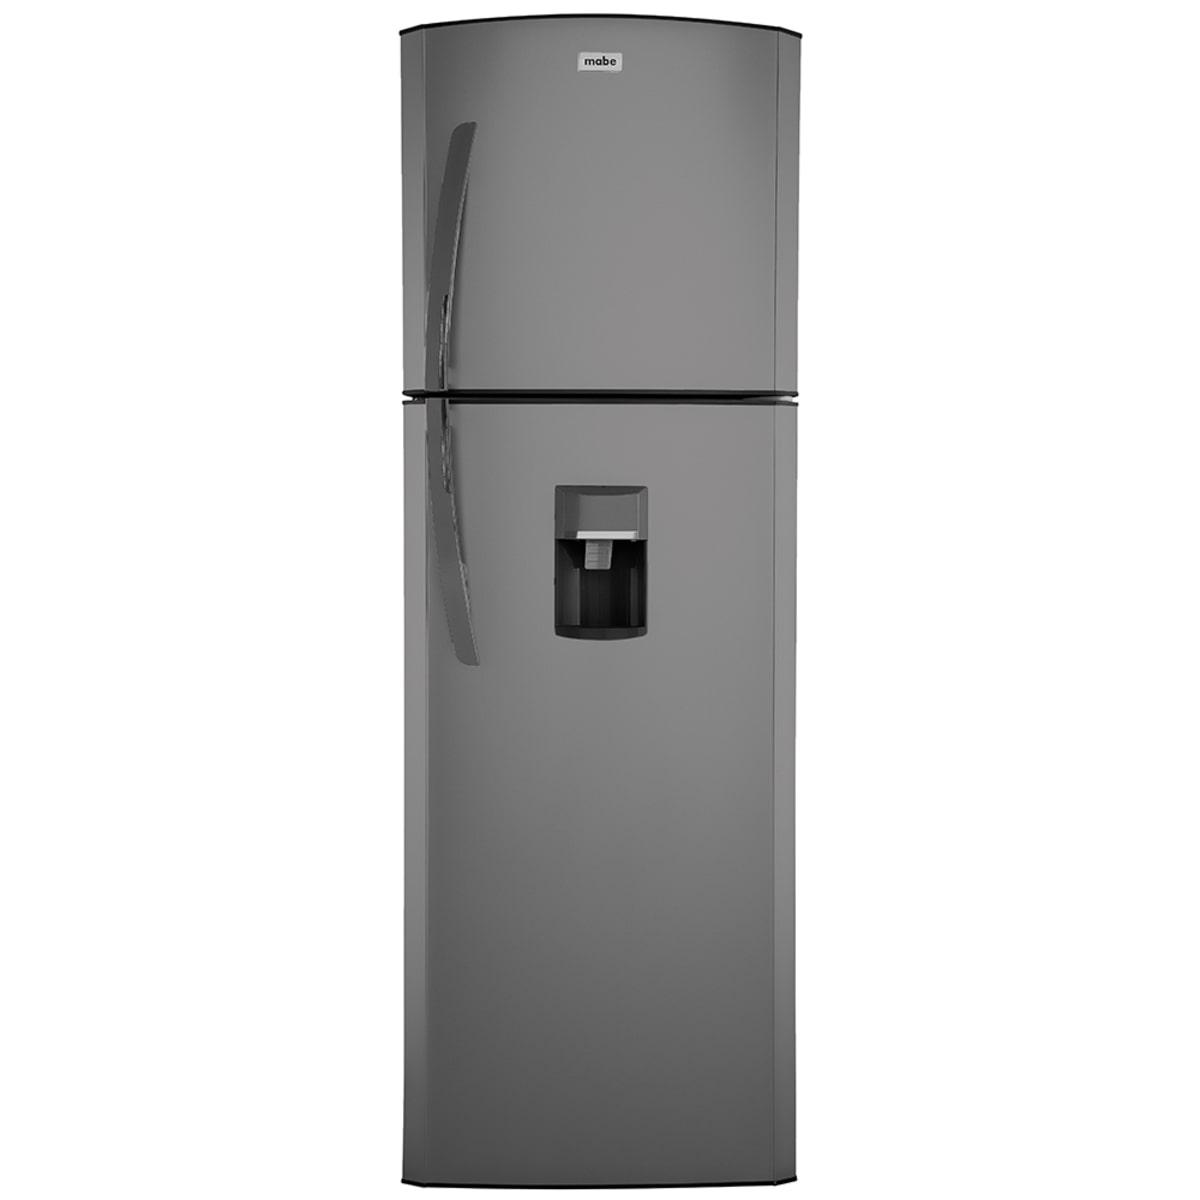 ¿Cómo solucionar problemas de refrigerador?